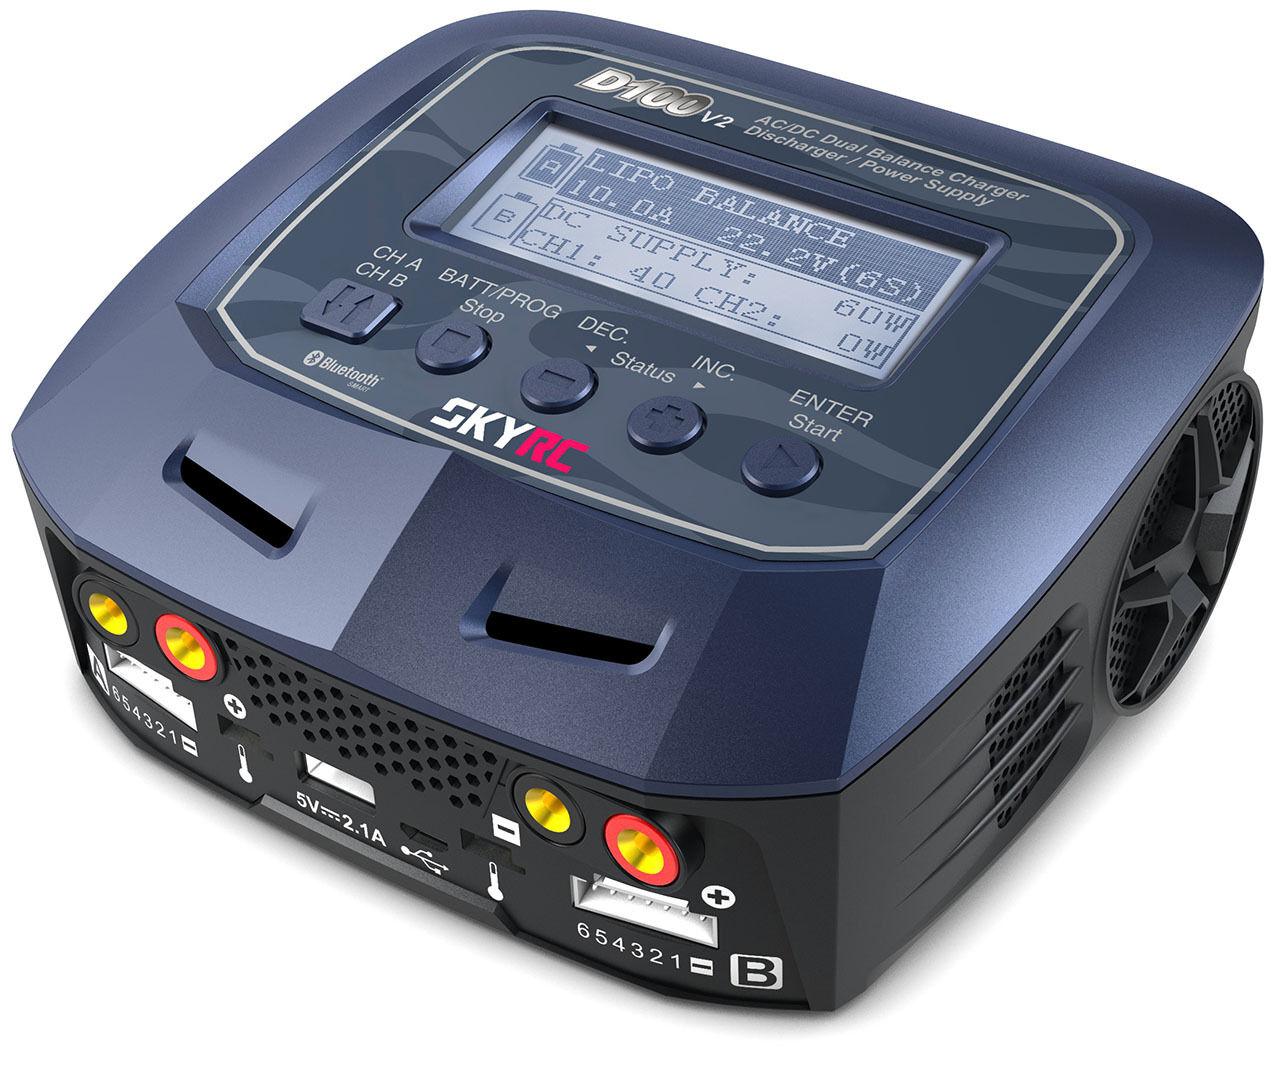 autoICABATTERIE Professionale cieloRC autoger D100 V2 AC  DC DUO LiPo 1-6s 100W  promozioni